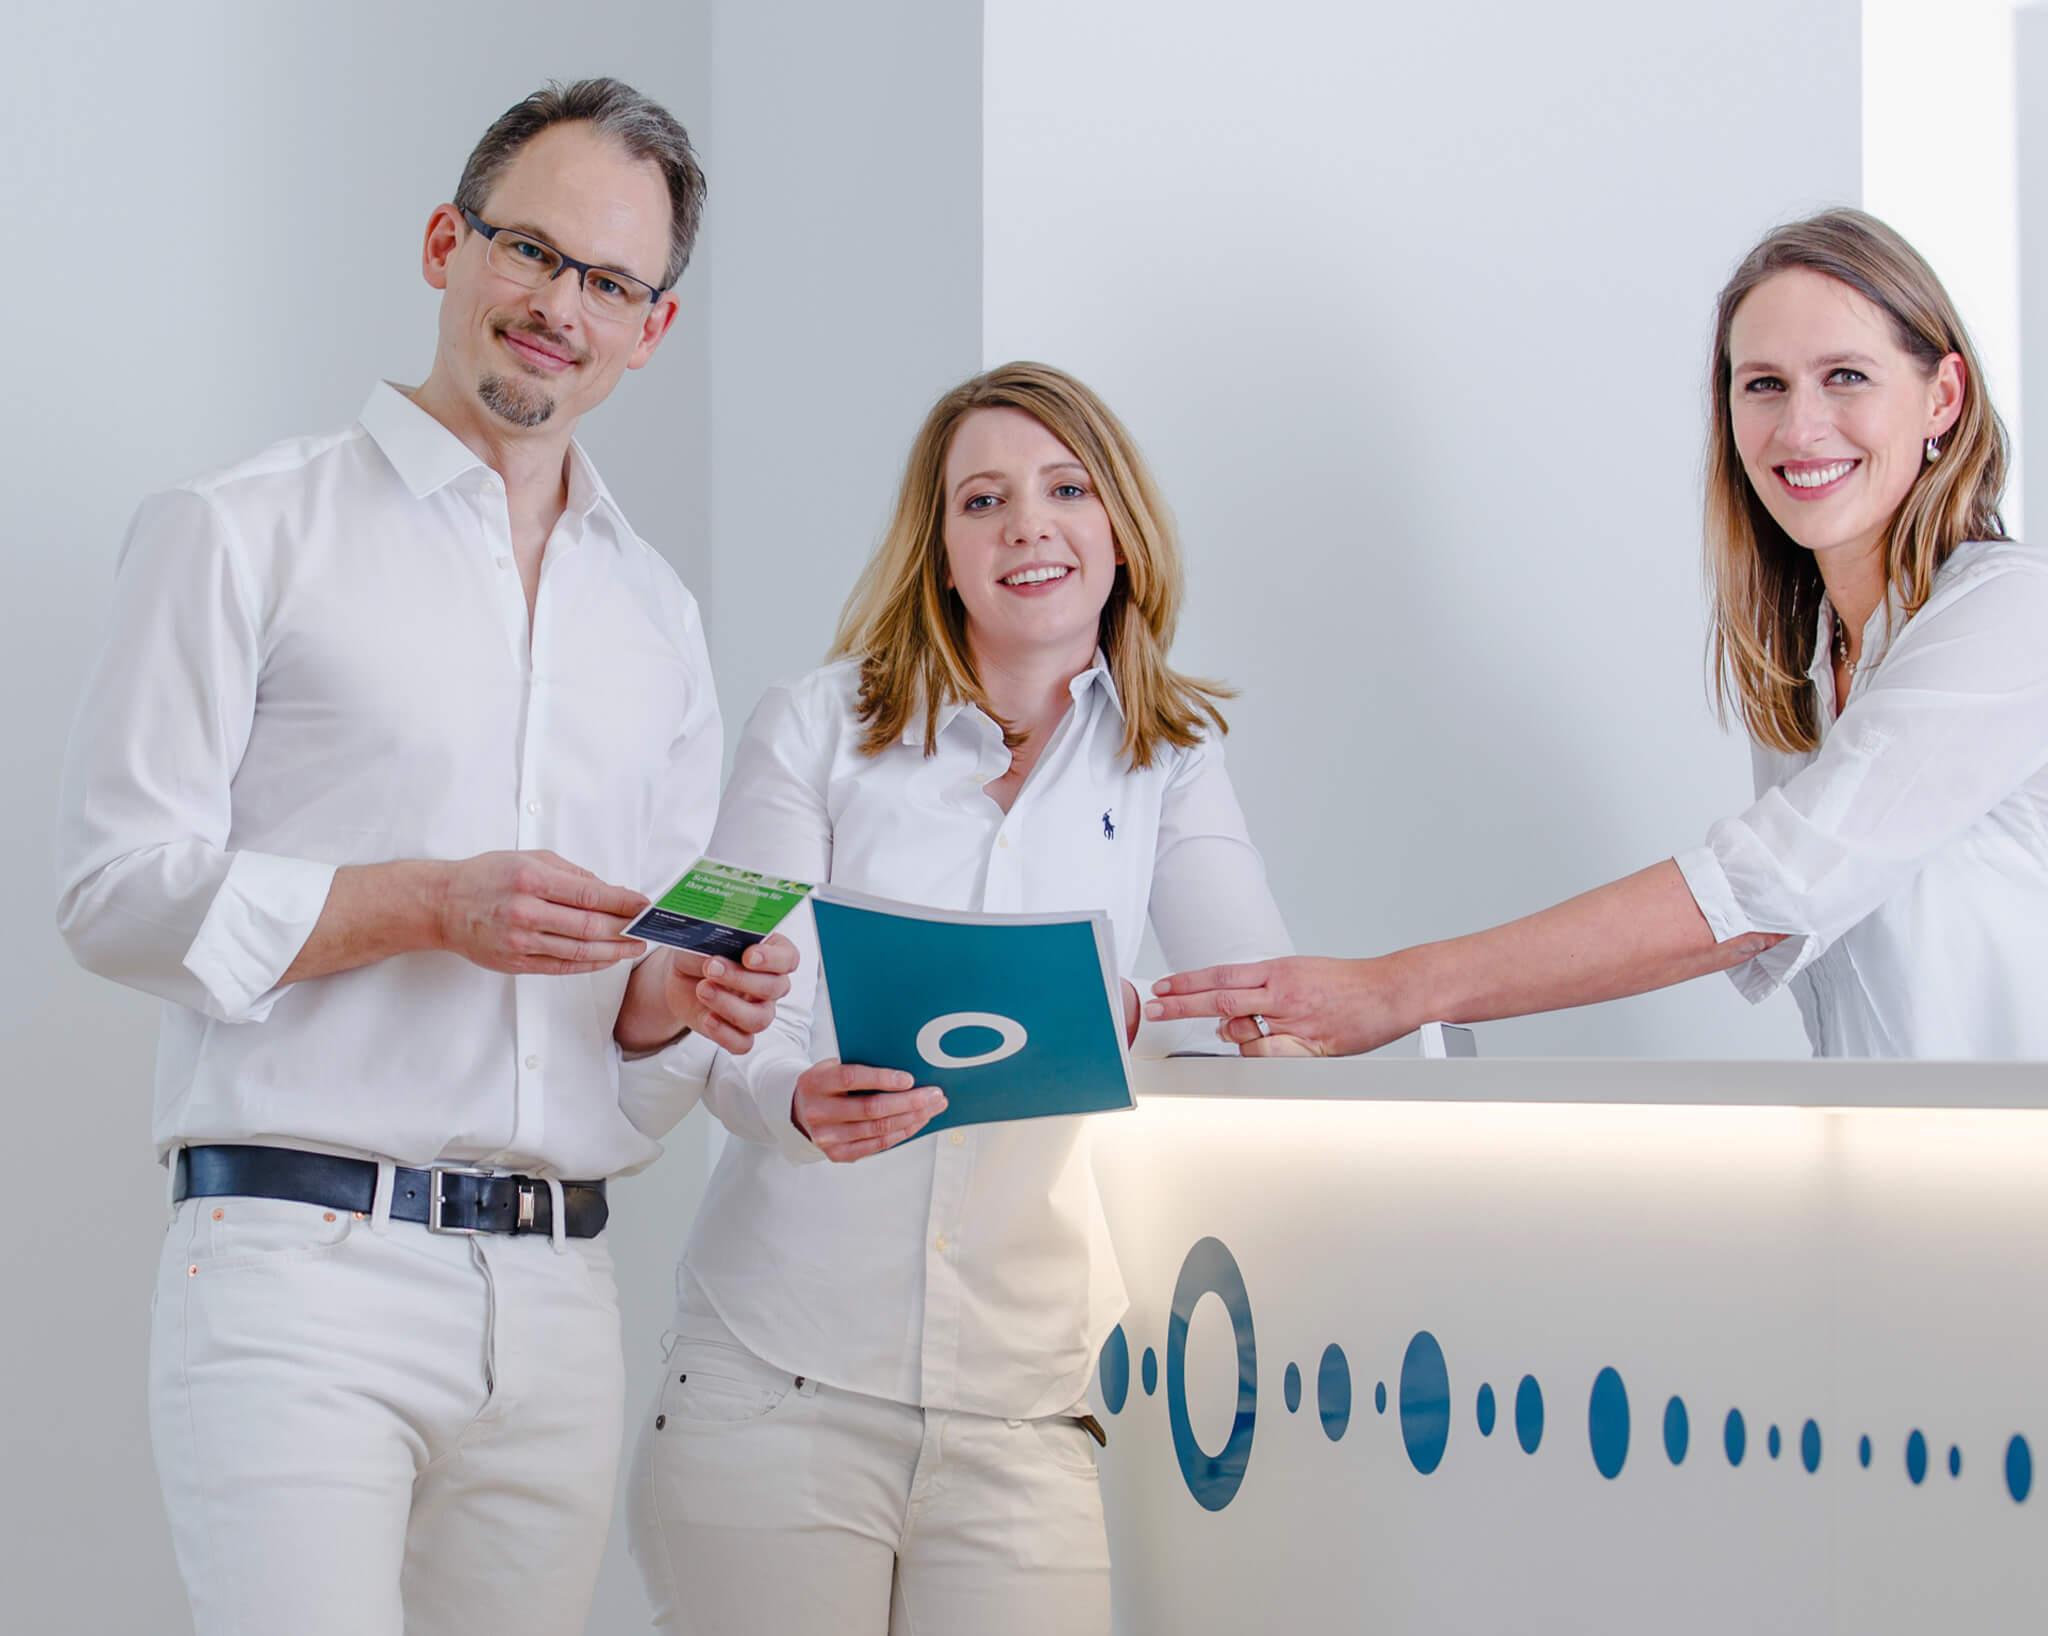 Zahnarzt Dr. Schmiedel, Zahnärztin Dr. Fuss und die Praxismanagerin Susanne Fröhlich